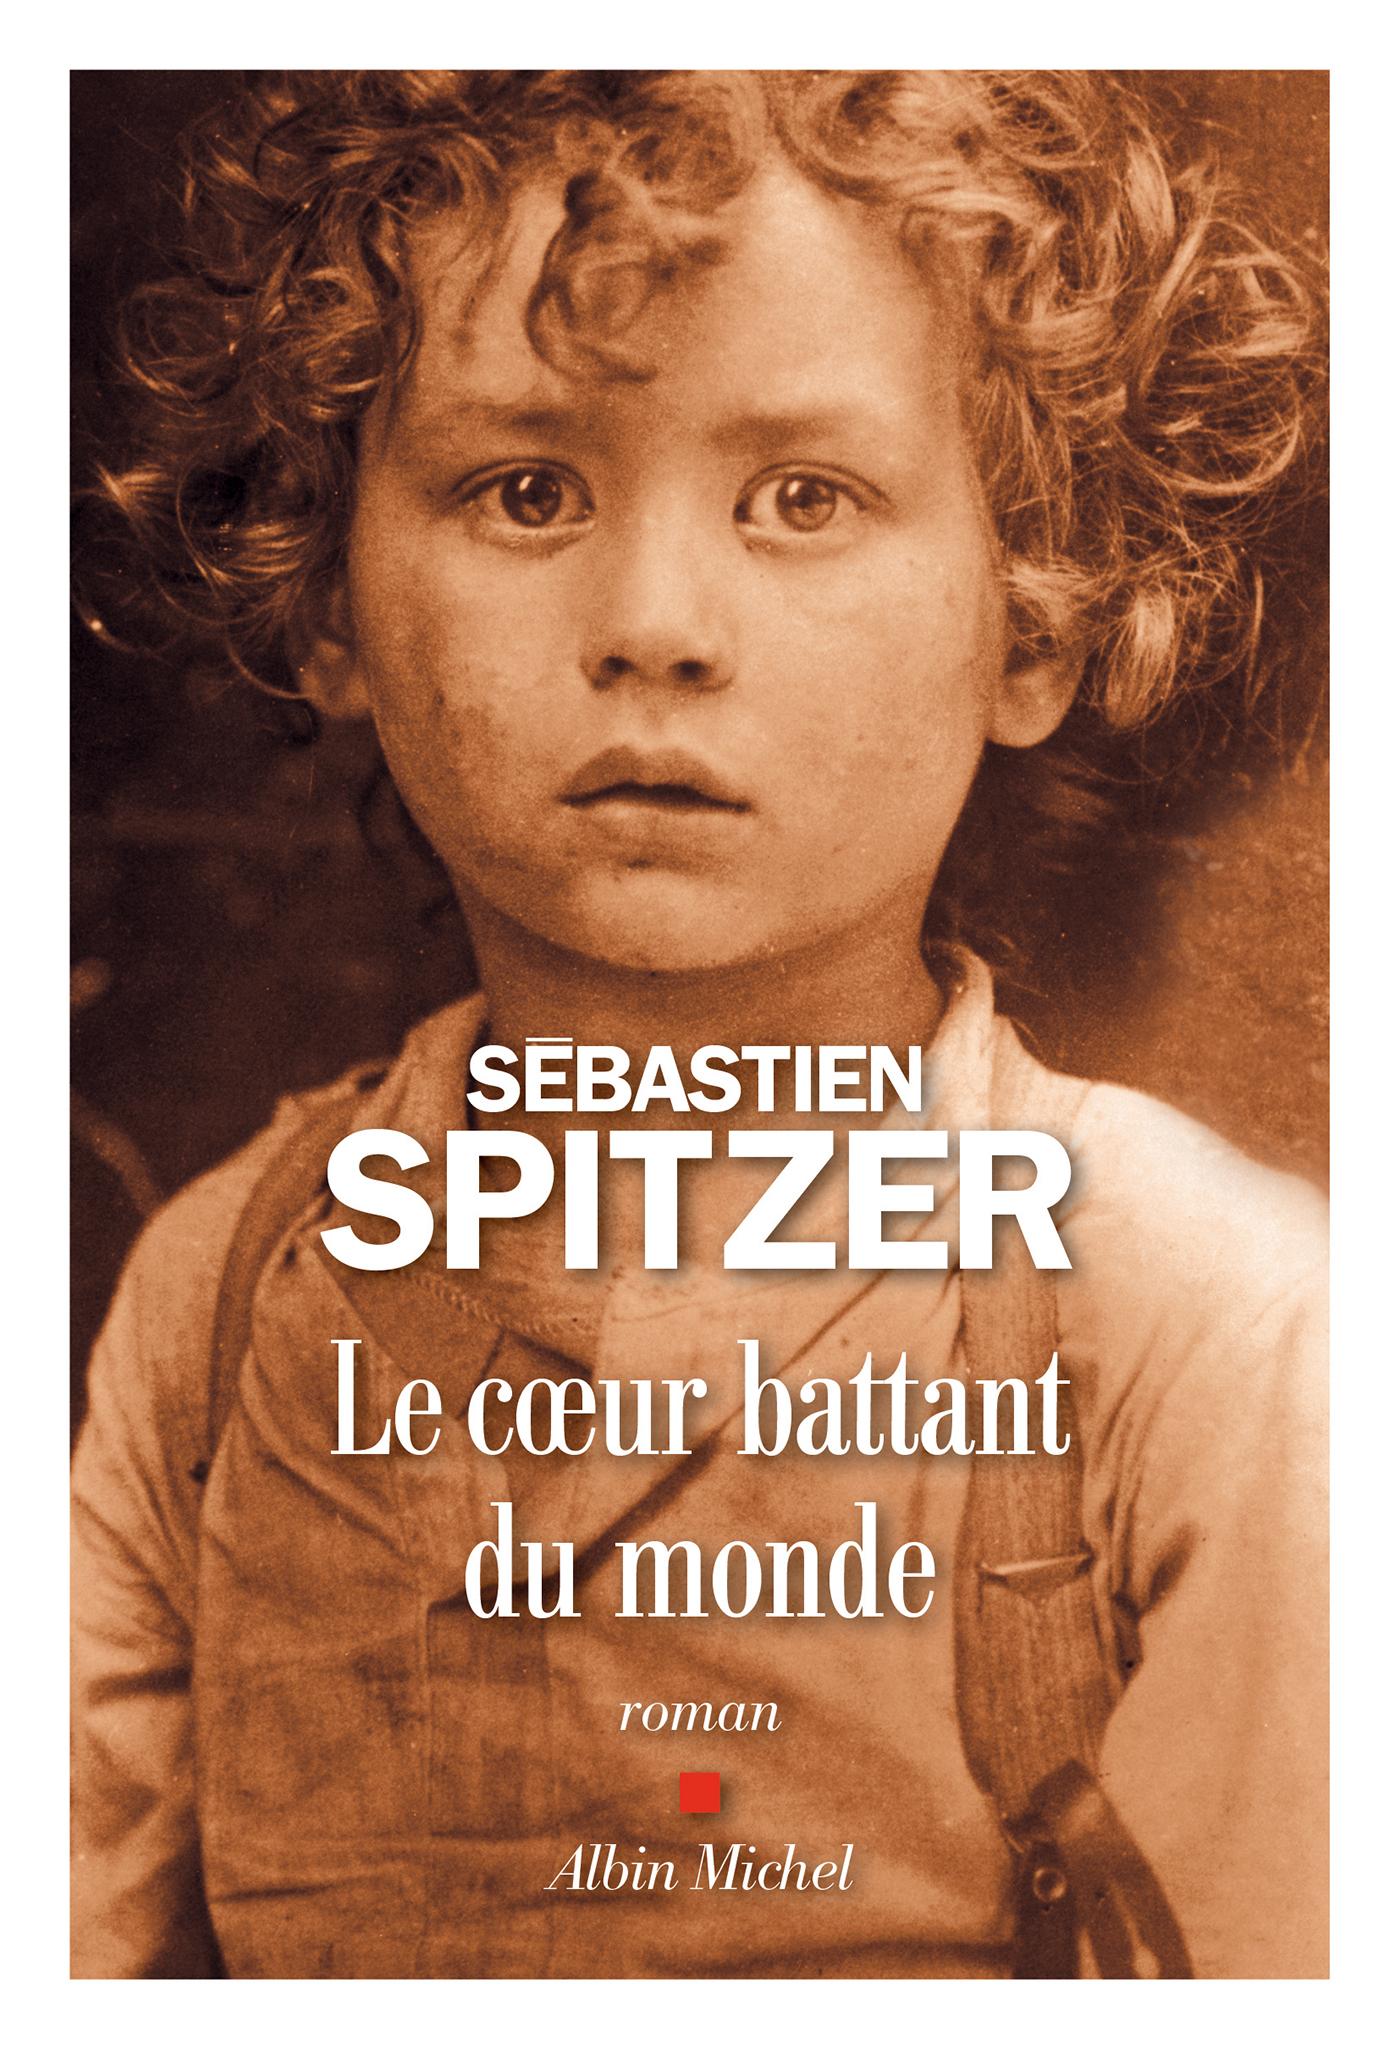 Le Coeur battant du monde | Spitzer, Sébastien. Auteur